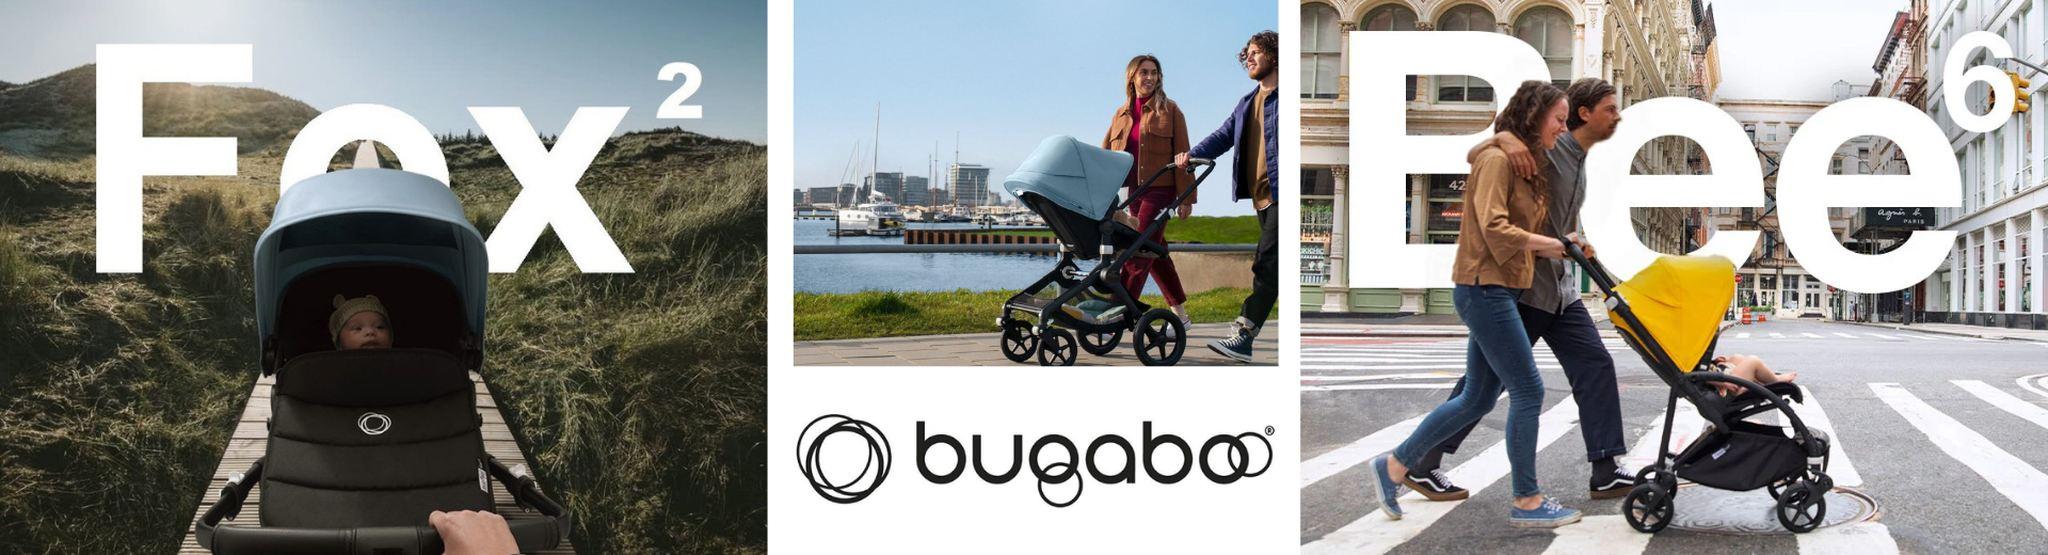 Banner Bugaboo (1)_Easy-Resize.com